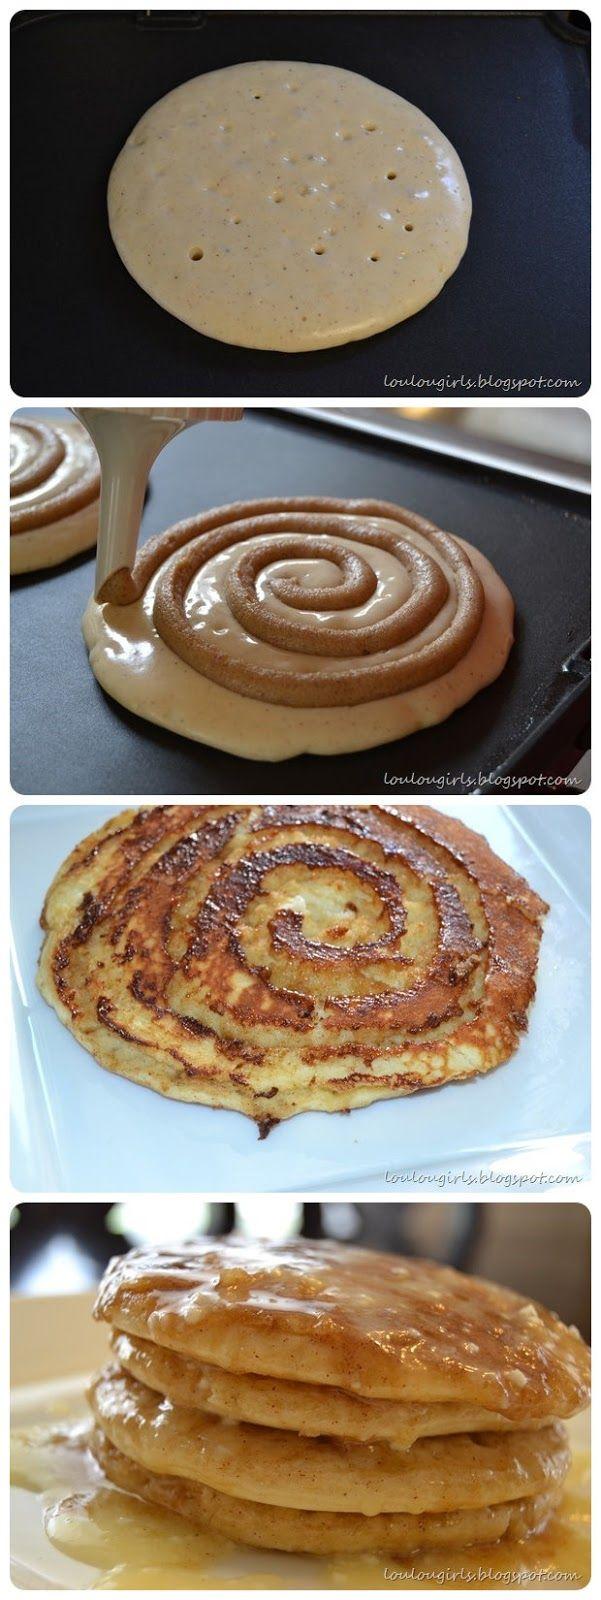 joysama images: Cinnamon Roll Pancakes